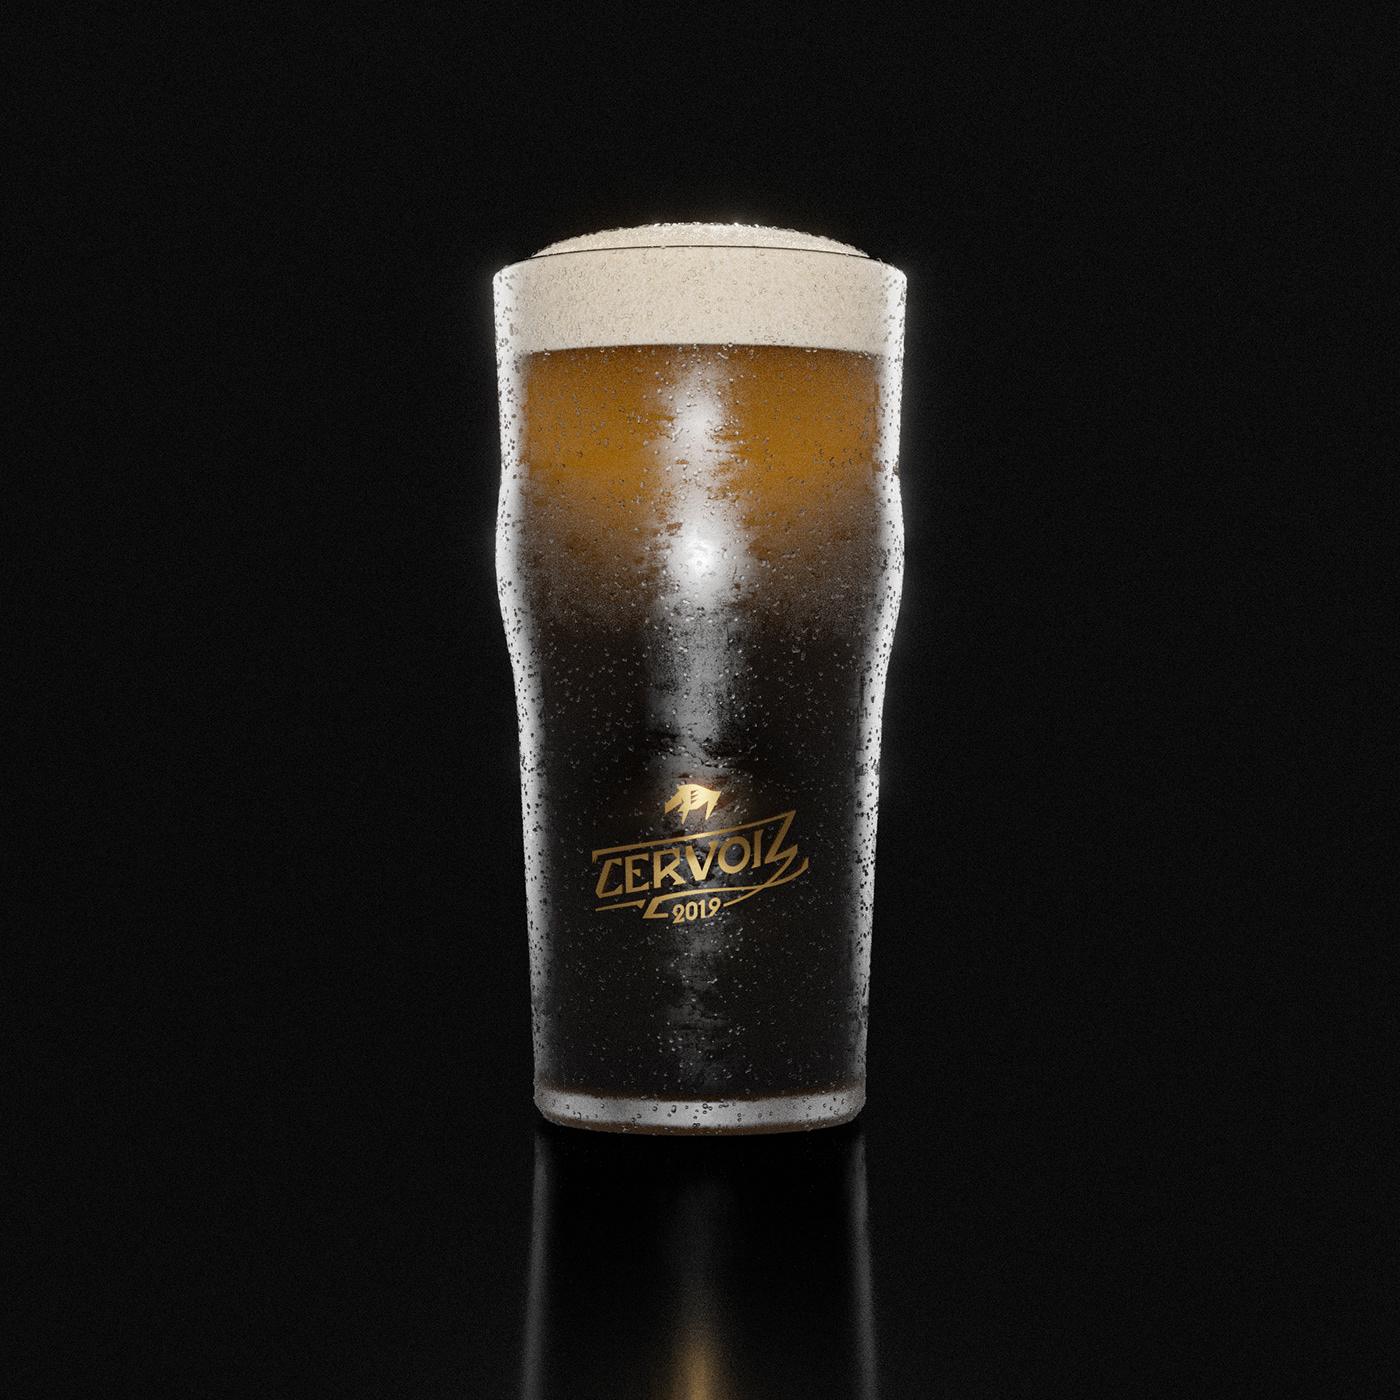 Cervoiz glass full of beer 3D render